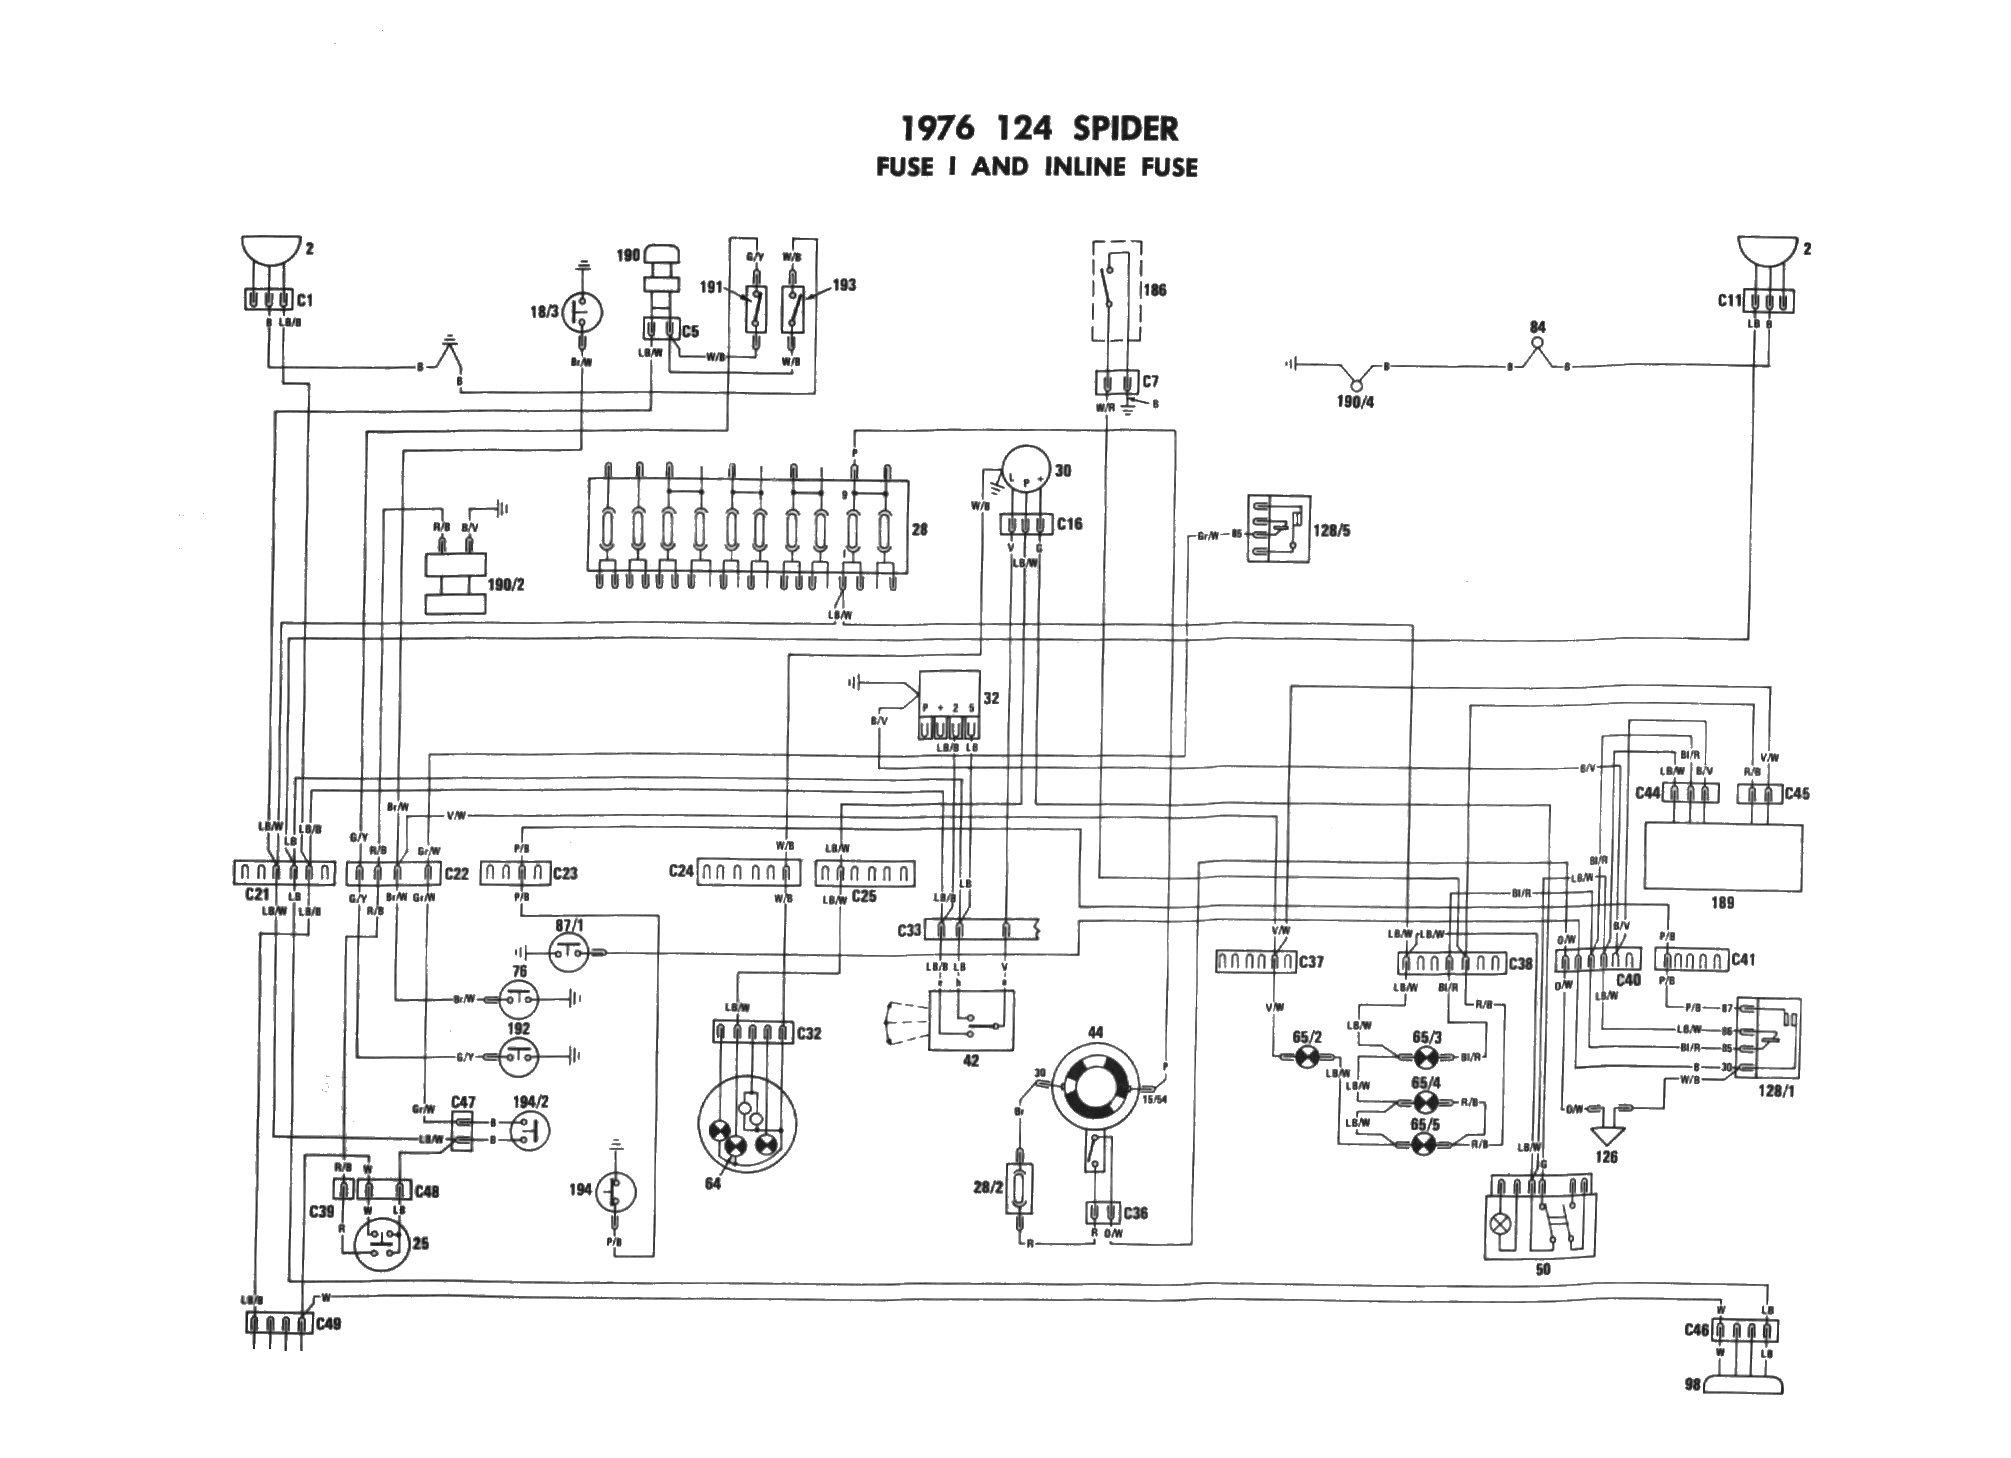 1973 Fiat Wiring Diagram | flower-temper Wiring Diagram Table -  flower-temper.rodowodowe.eurodowodowe.eu